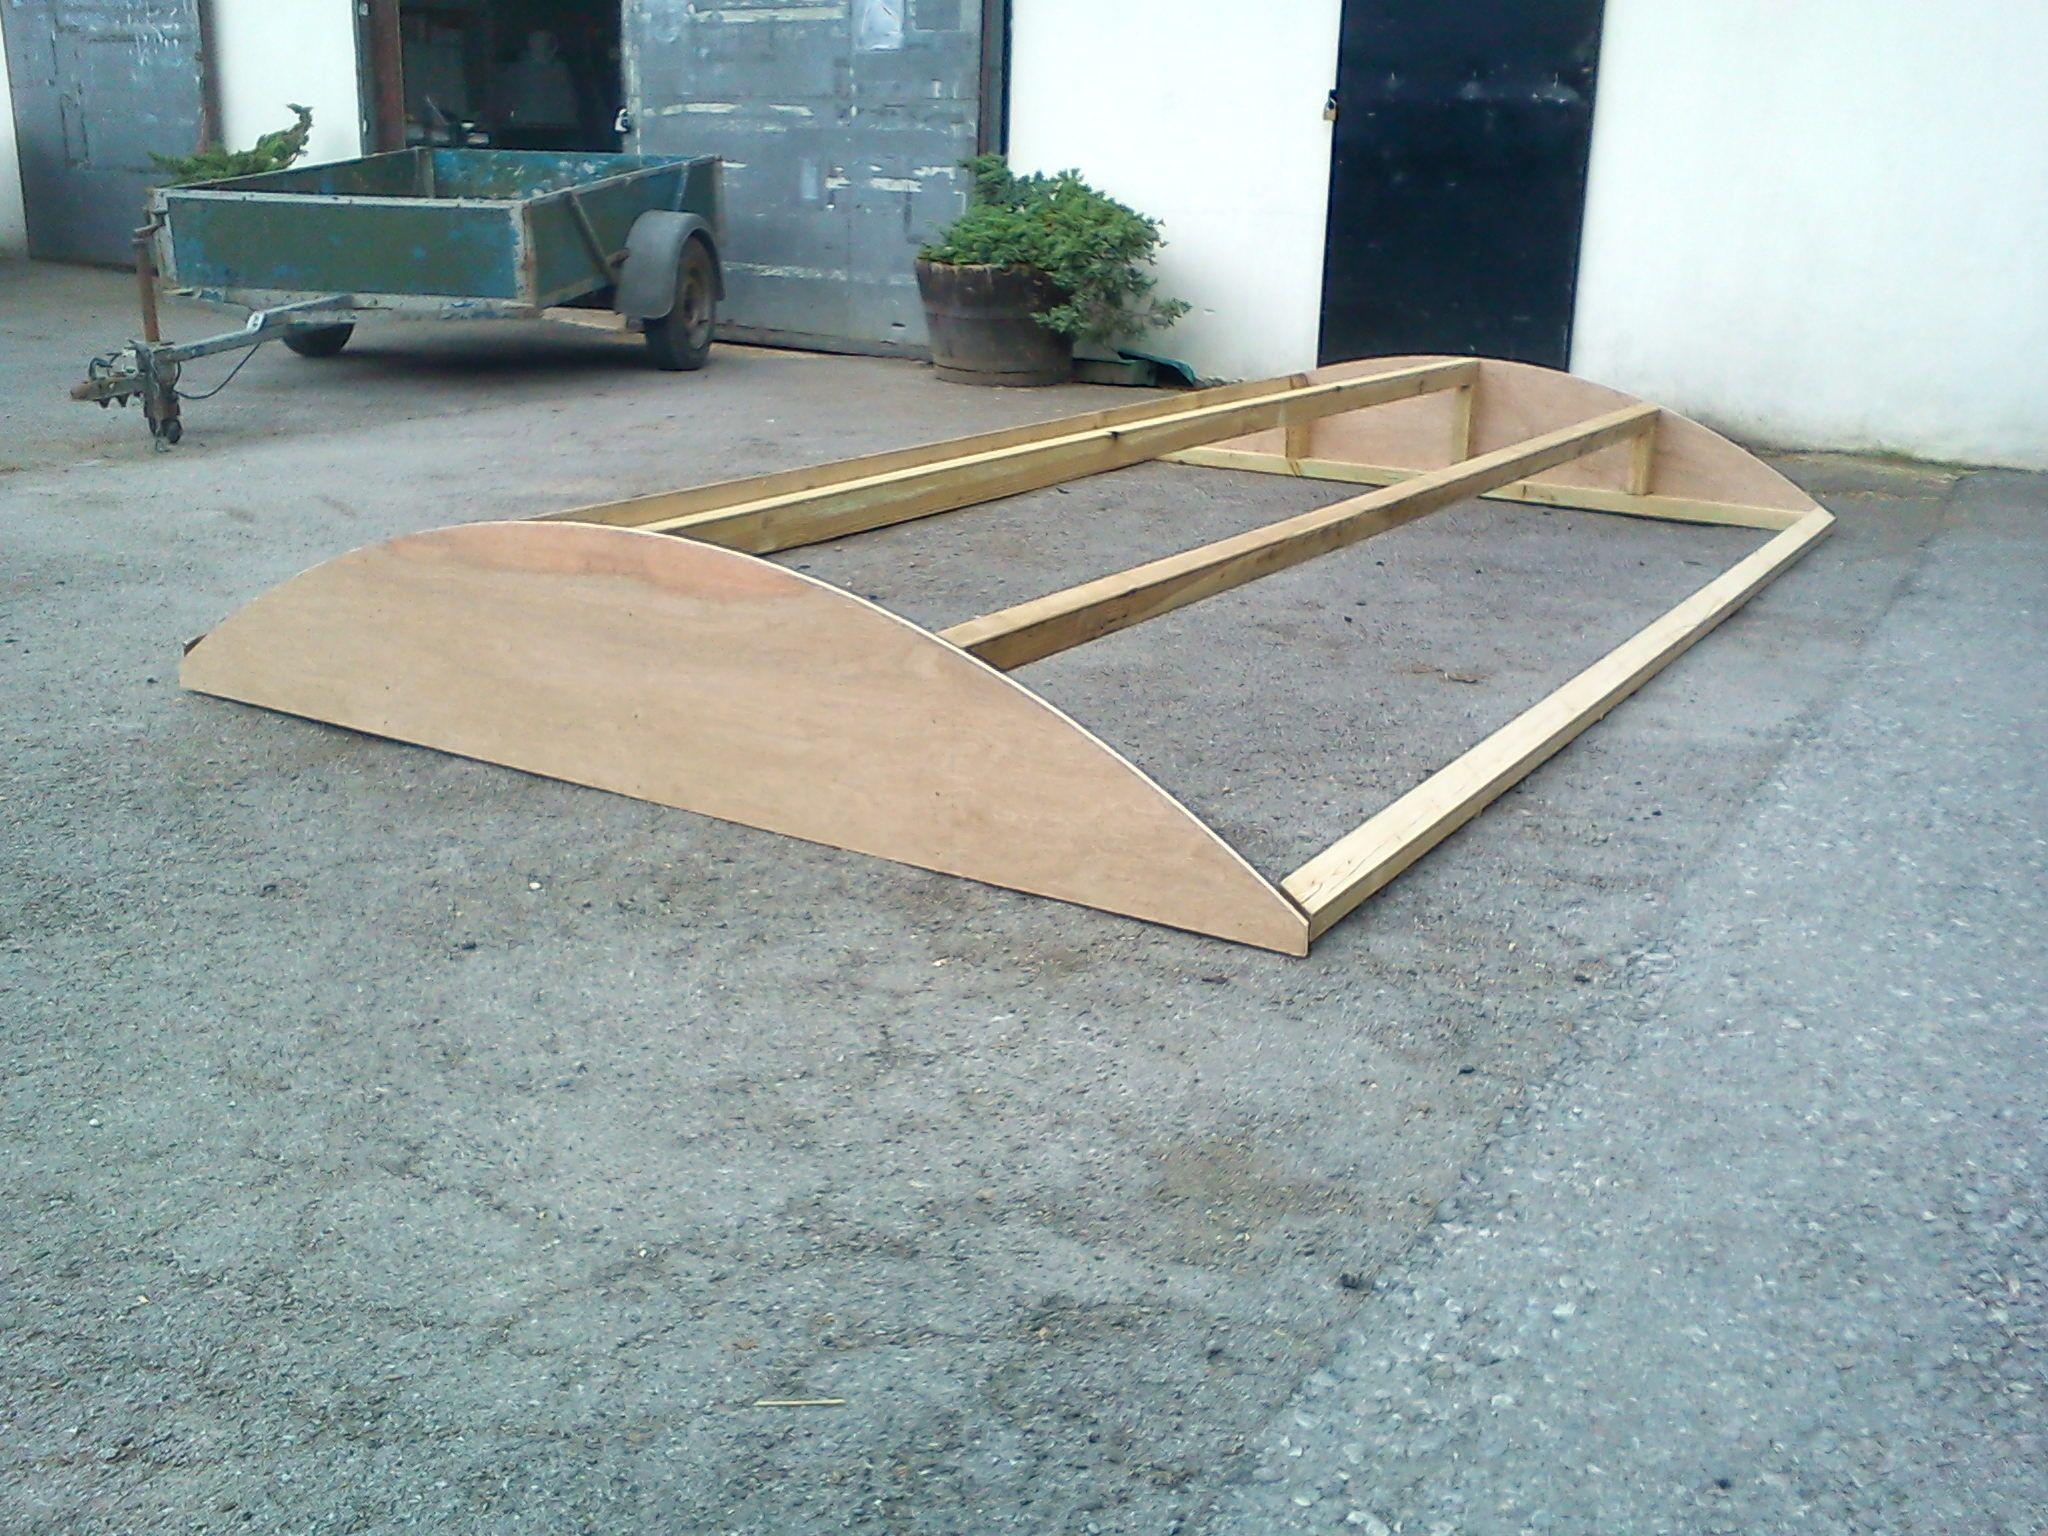 Roof Kit Diy Projects Oak Trim Shepherds Hut